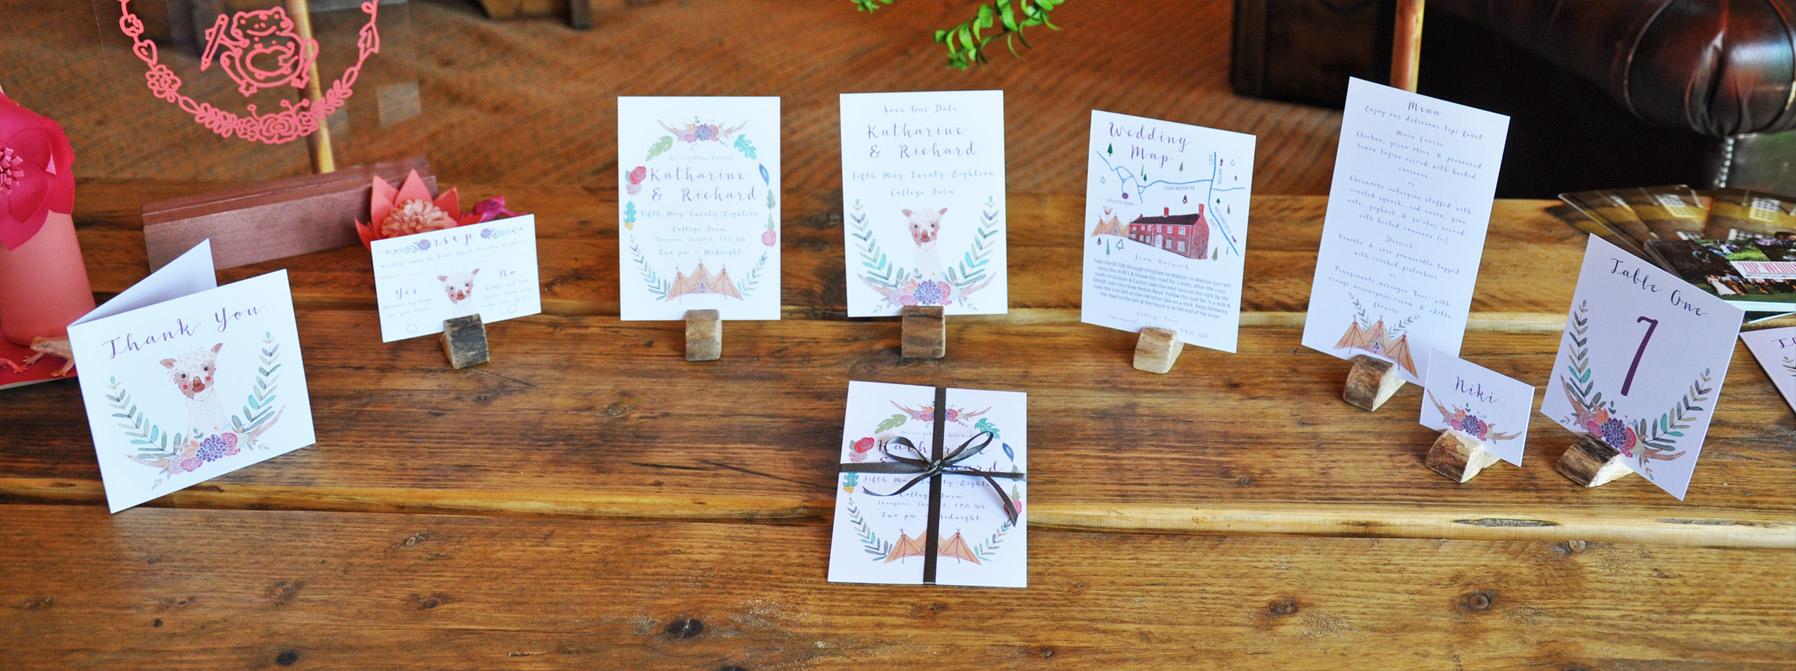 Boho-Tipi wedding stationery collection.